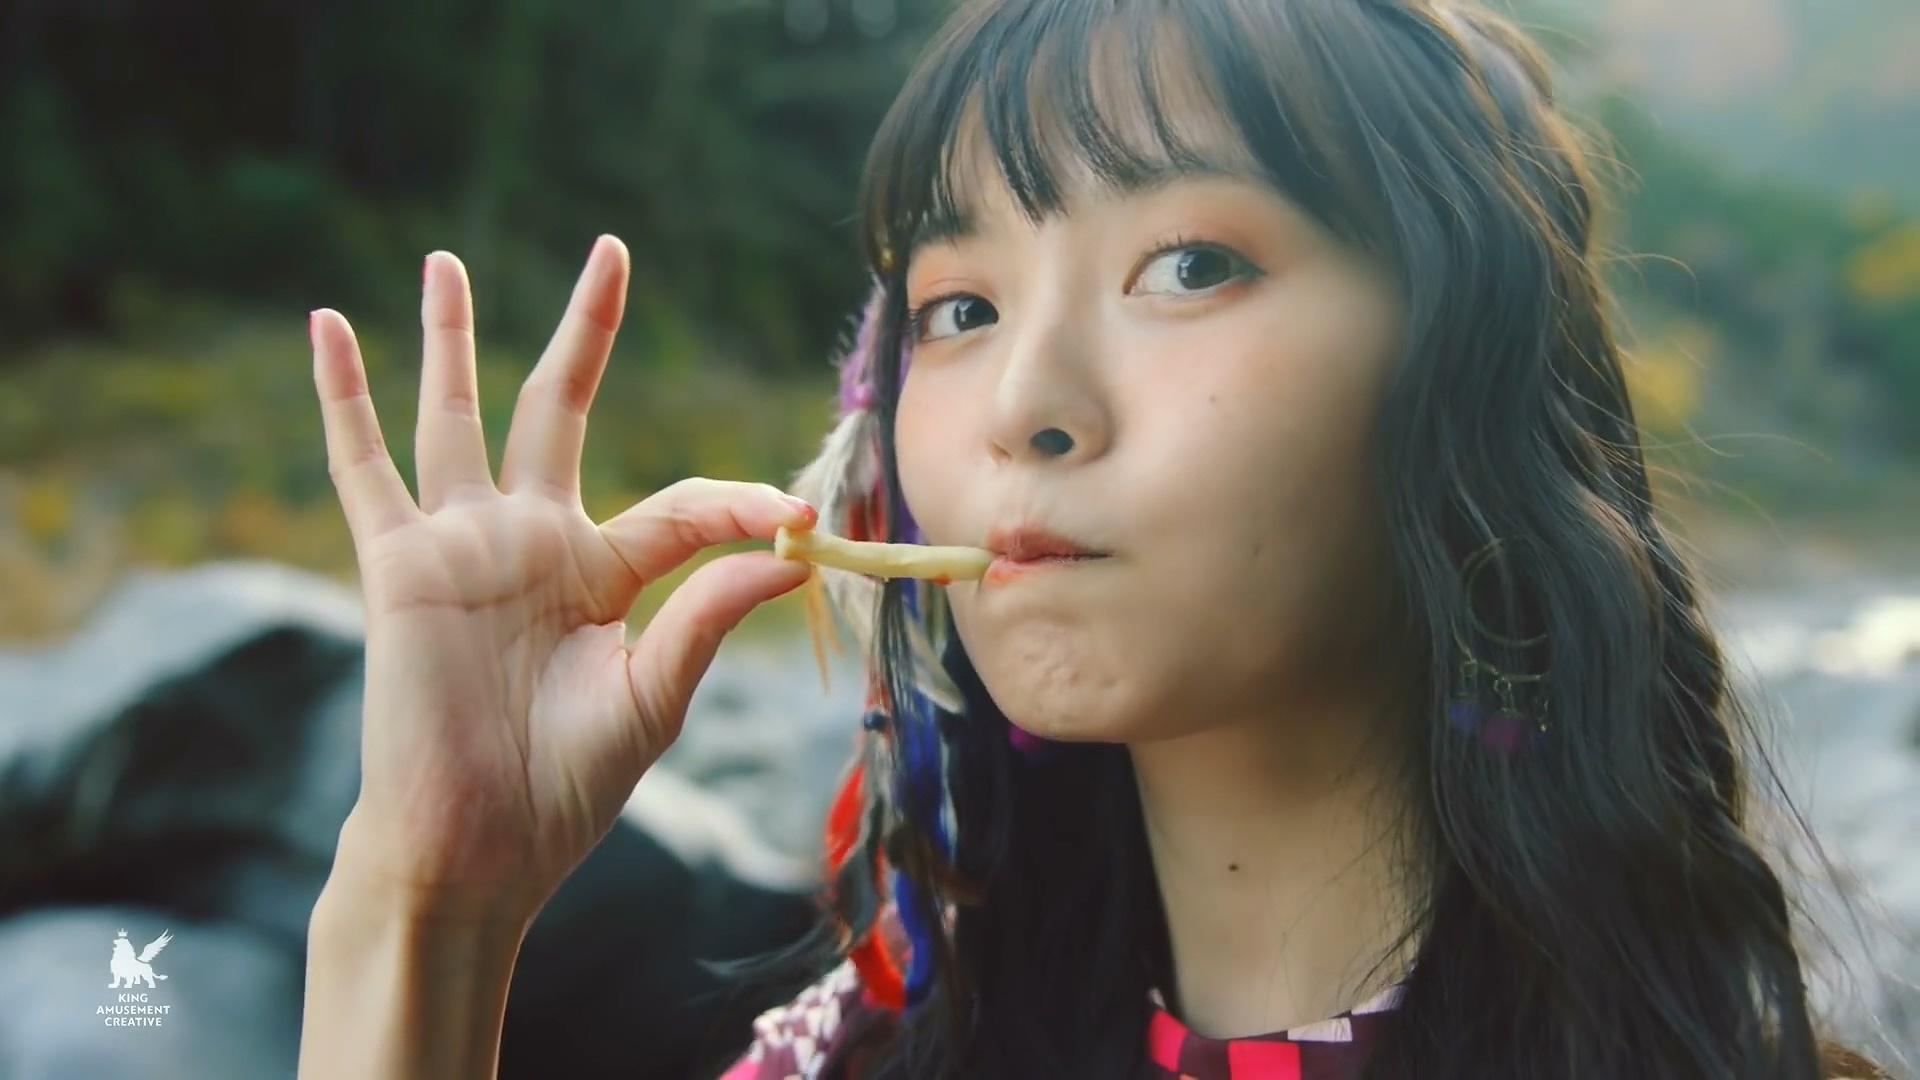 上坂すみれ「EASY LOVE」Music Video.mp4_000256.362